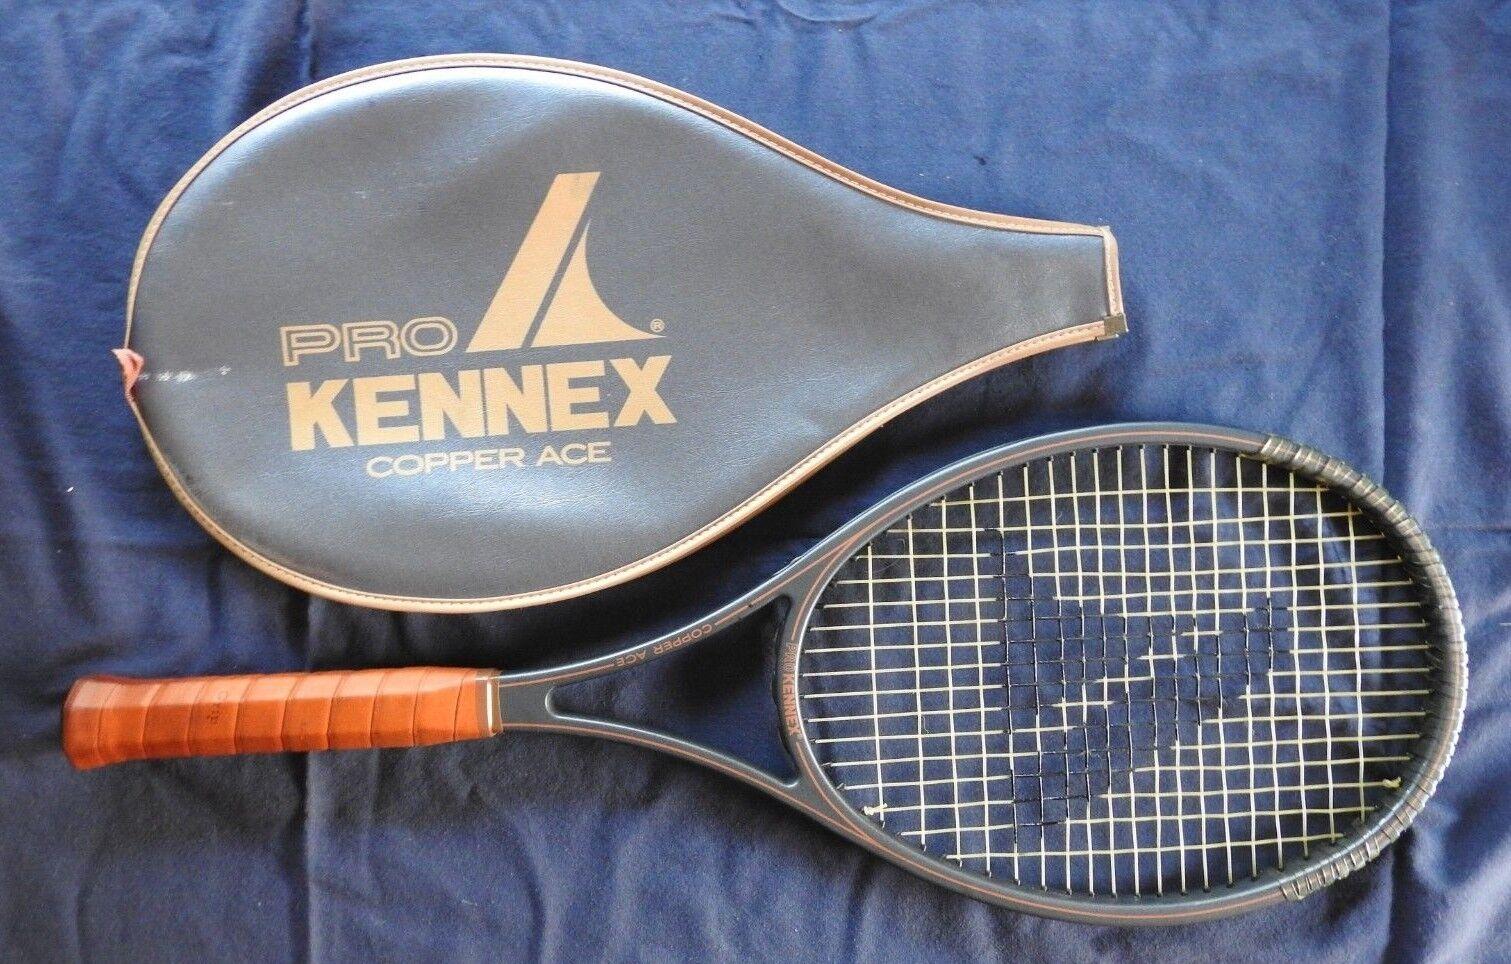 Pro Pro Pro Kennex   Rame Ace   Tennis Racchetta 11.7cm Impugnatura con Cover Molto c88